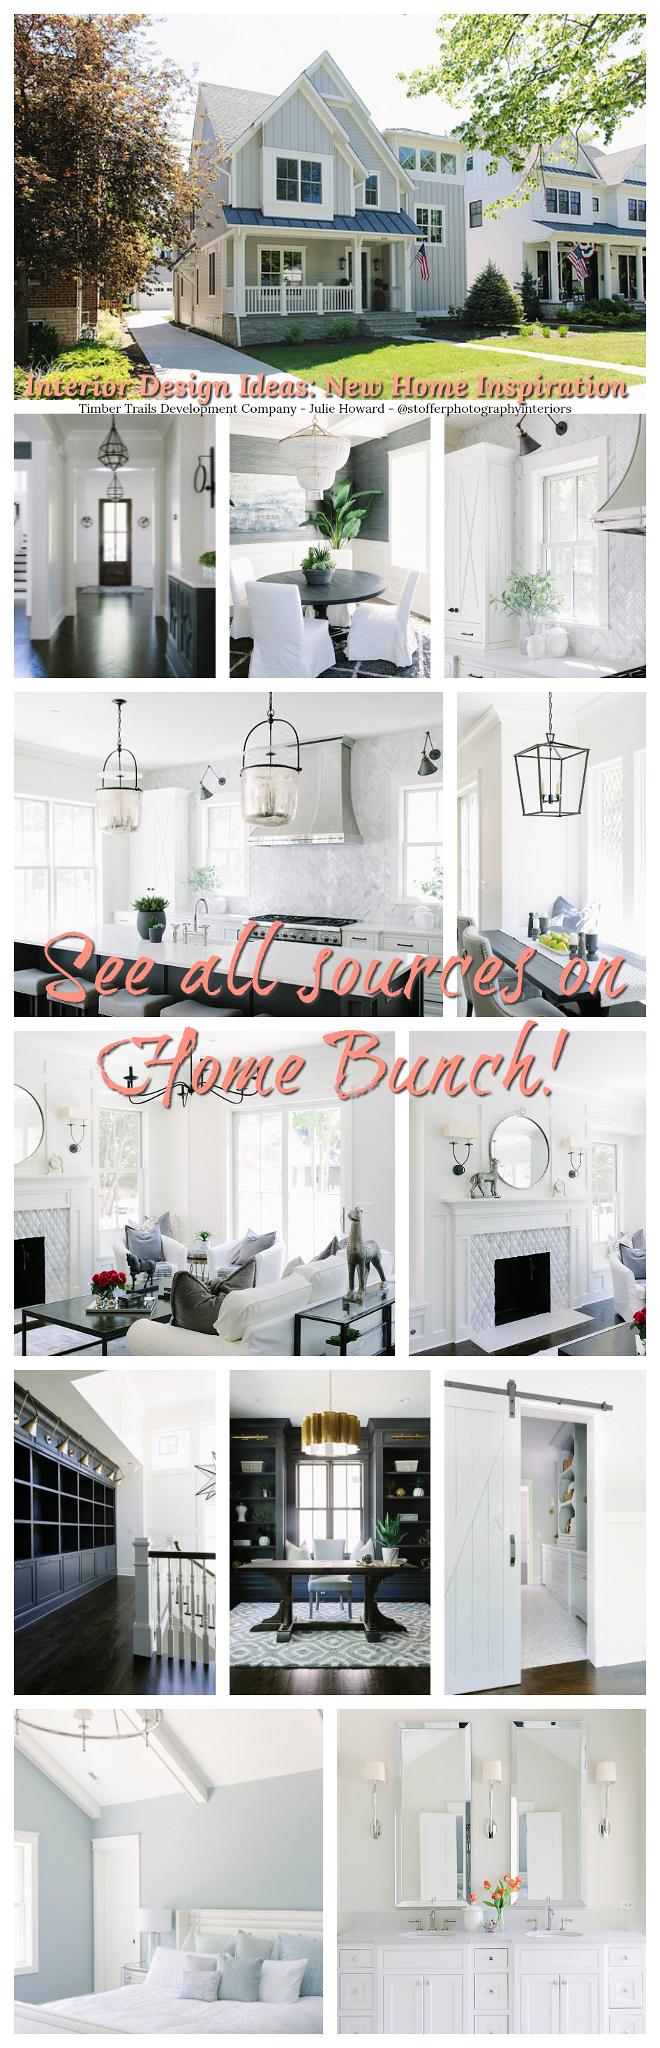 Interior Design Ideas New Home Inspiration Interior Design Ideas New Home Inspiration sources on Home Bunch #InteriorDesignIdeas #NewHomeInspiration